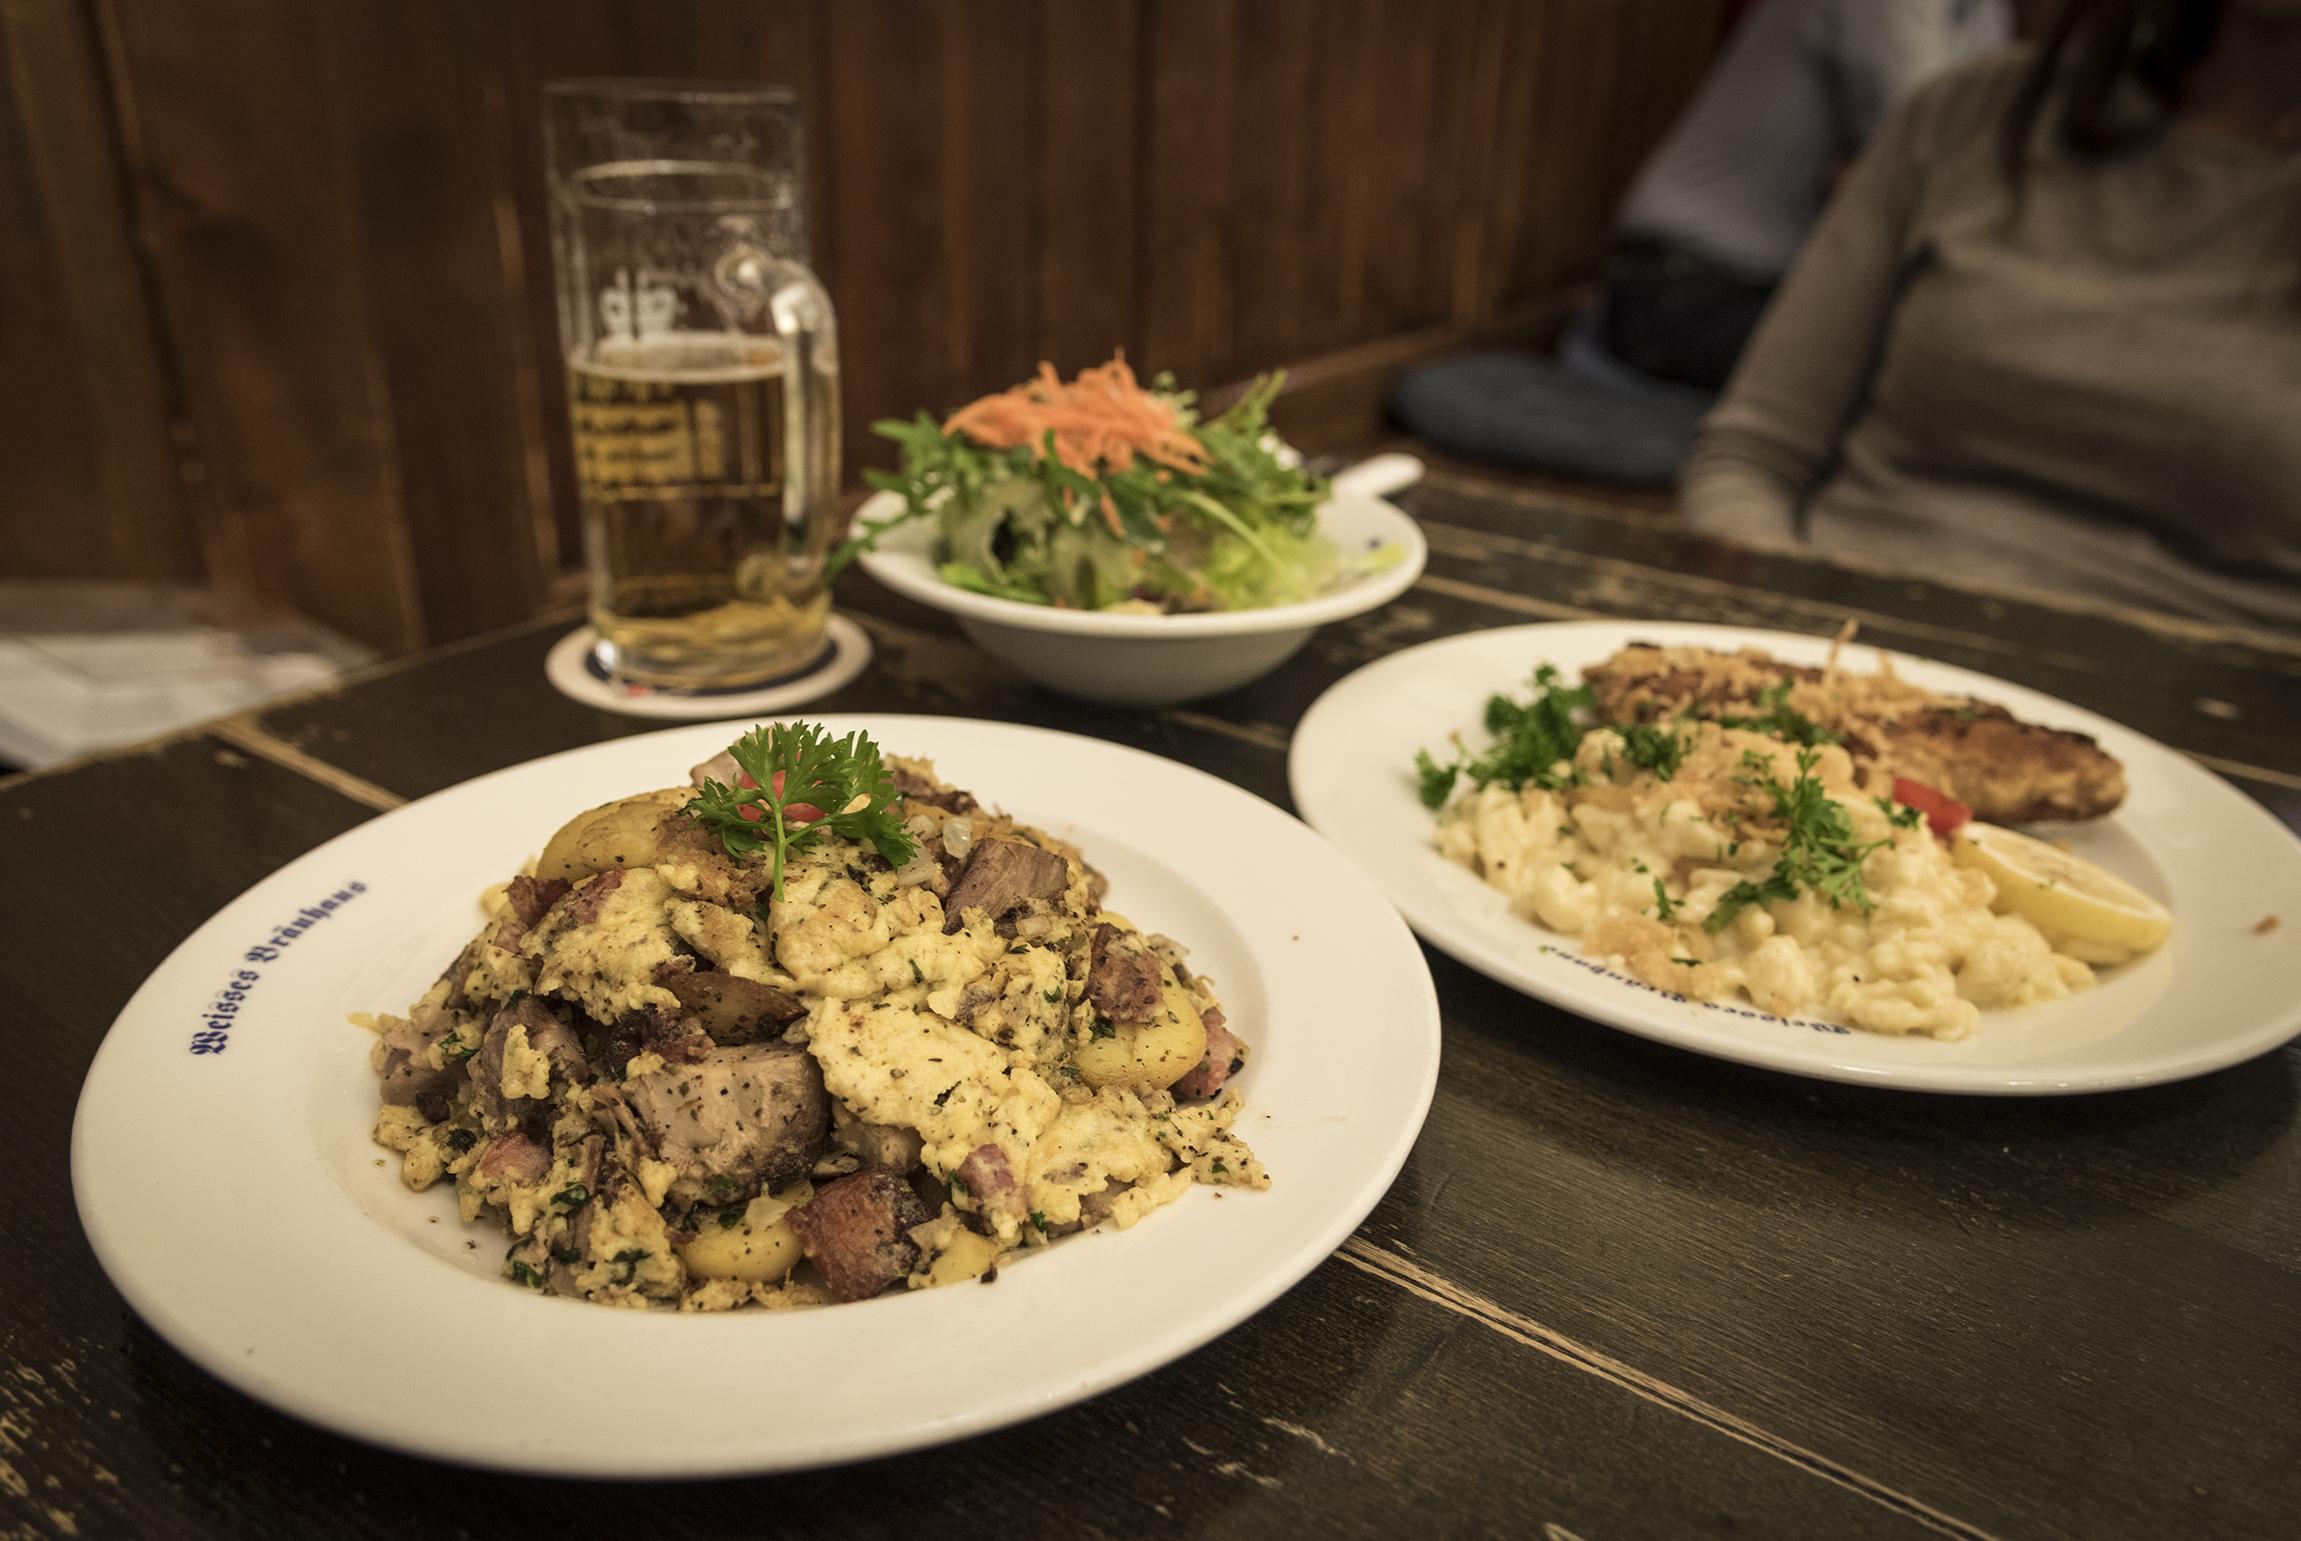 Cena presso un pub tipico a Monaco di Baviera